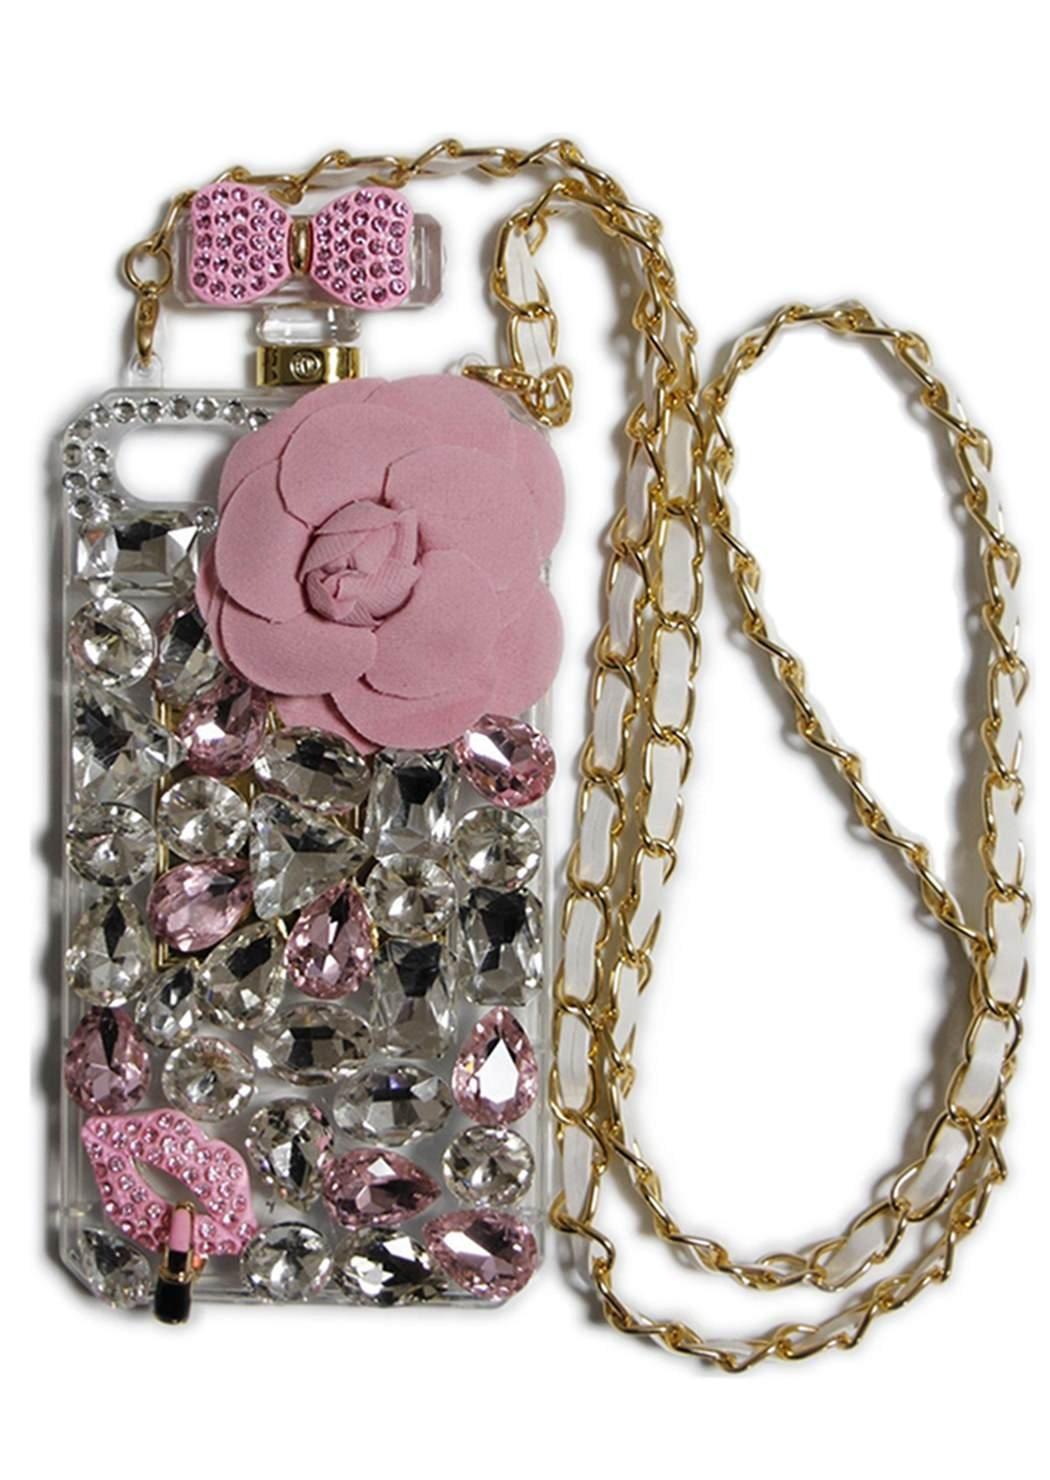 JABITiPhone7プラス/ iPhone7 / iPhone6プラス/ 6Sプラス/ iPhone6 / 6S / iPhone5の/ 5S / SE /輝くとスタイリッシュなジャケット素敵な女性モデル、女性、オプションの人気の携帯電話のシェル保護スリーブアップルフルカラー2との電話ip6-544-i7p-銀iPhone7プラスBモデル